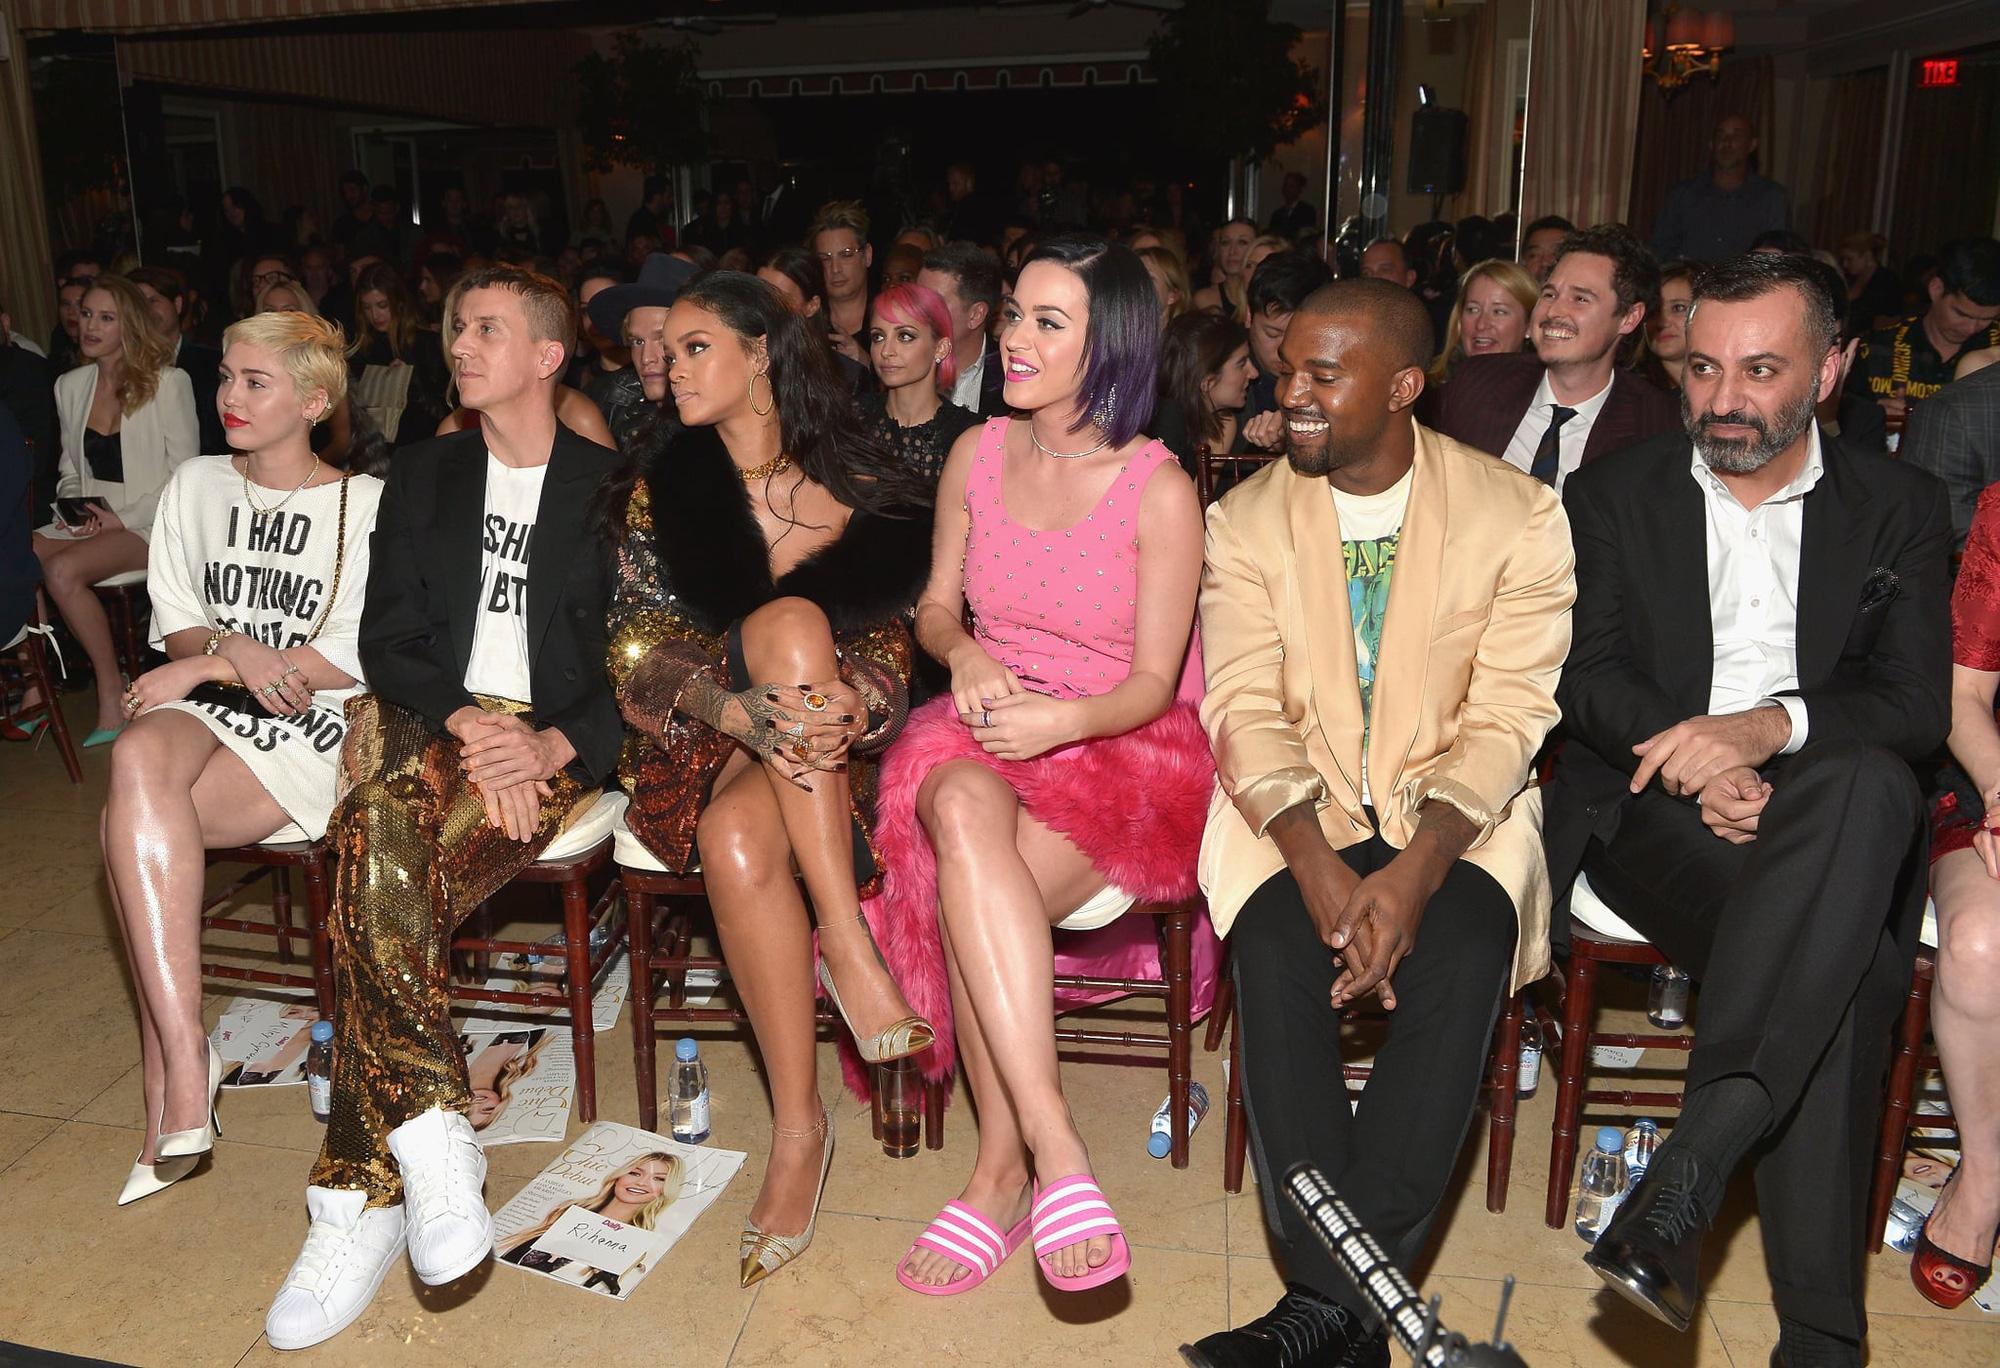 Khung hình quyền lực quy tụ toàn nhân vật máu mặt: Tỷ phú Rihanna và Kanye West chễm chệ, nhìn dàn sao ngồi cạnh mà choáng - Ảnh 3.